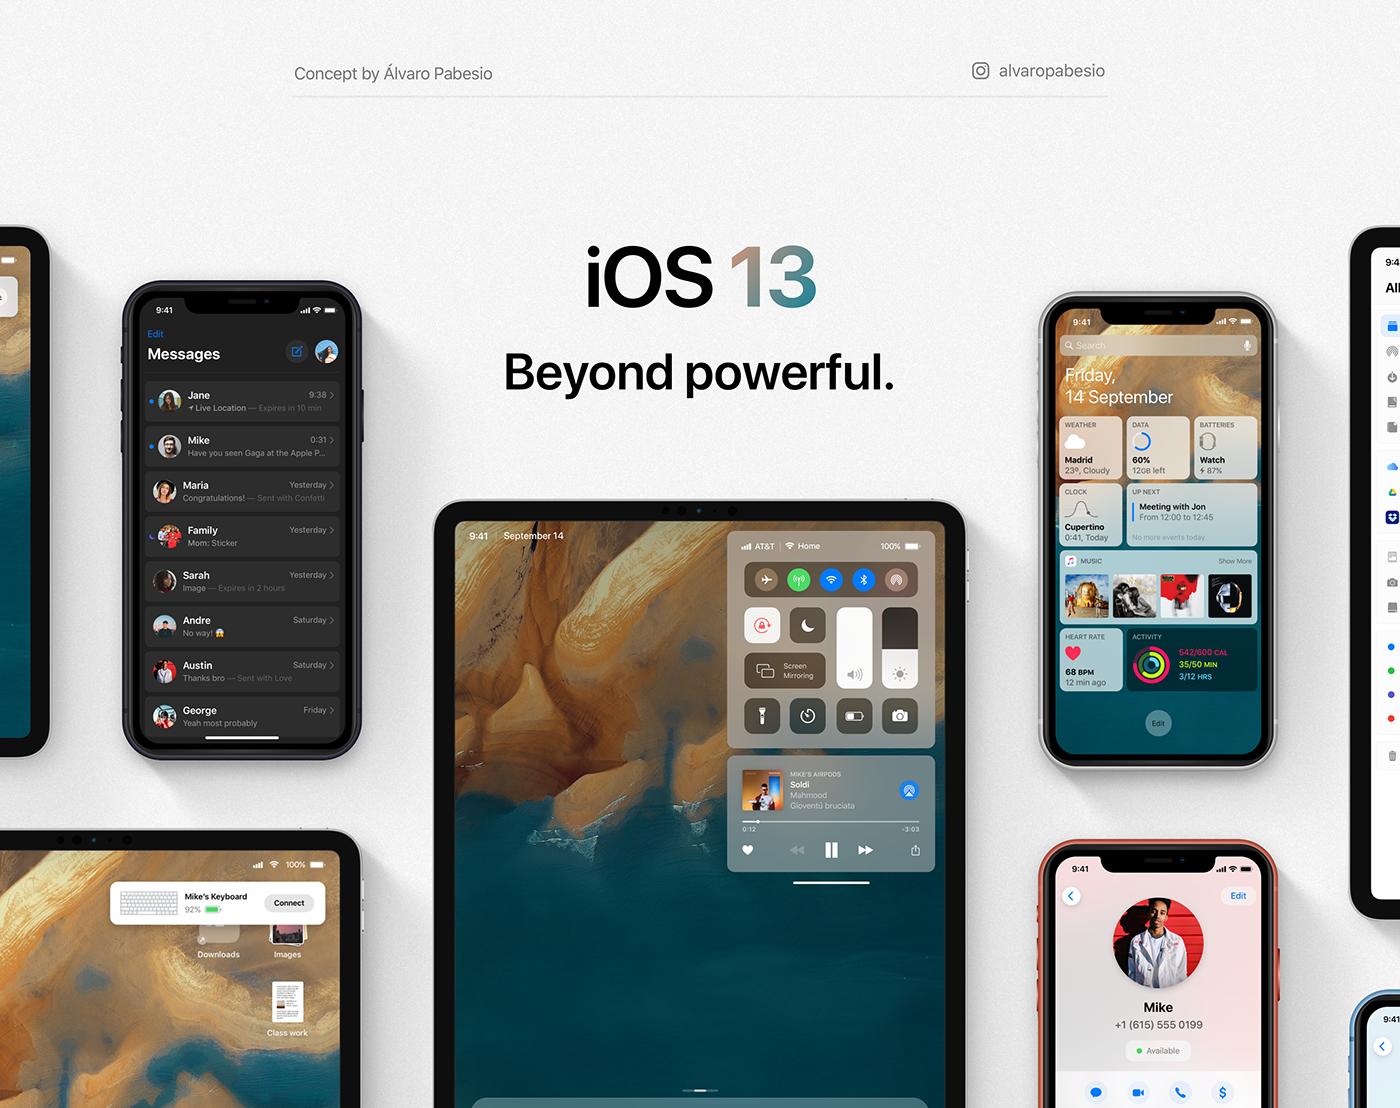 ios ios 13 iPad iphone concept UI/UX UI design apple macos